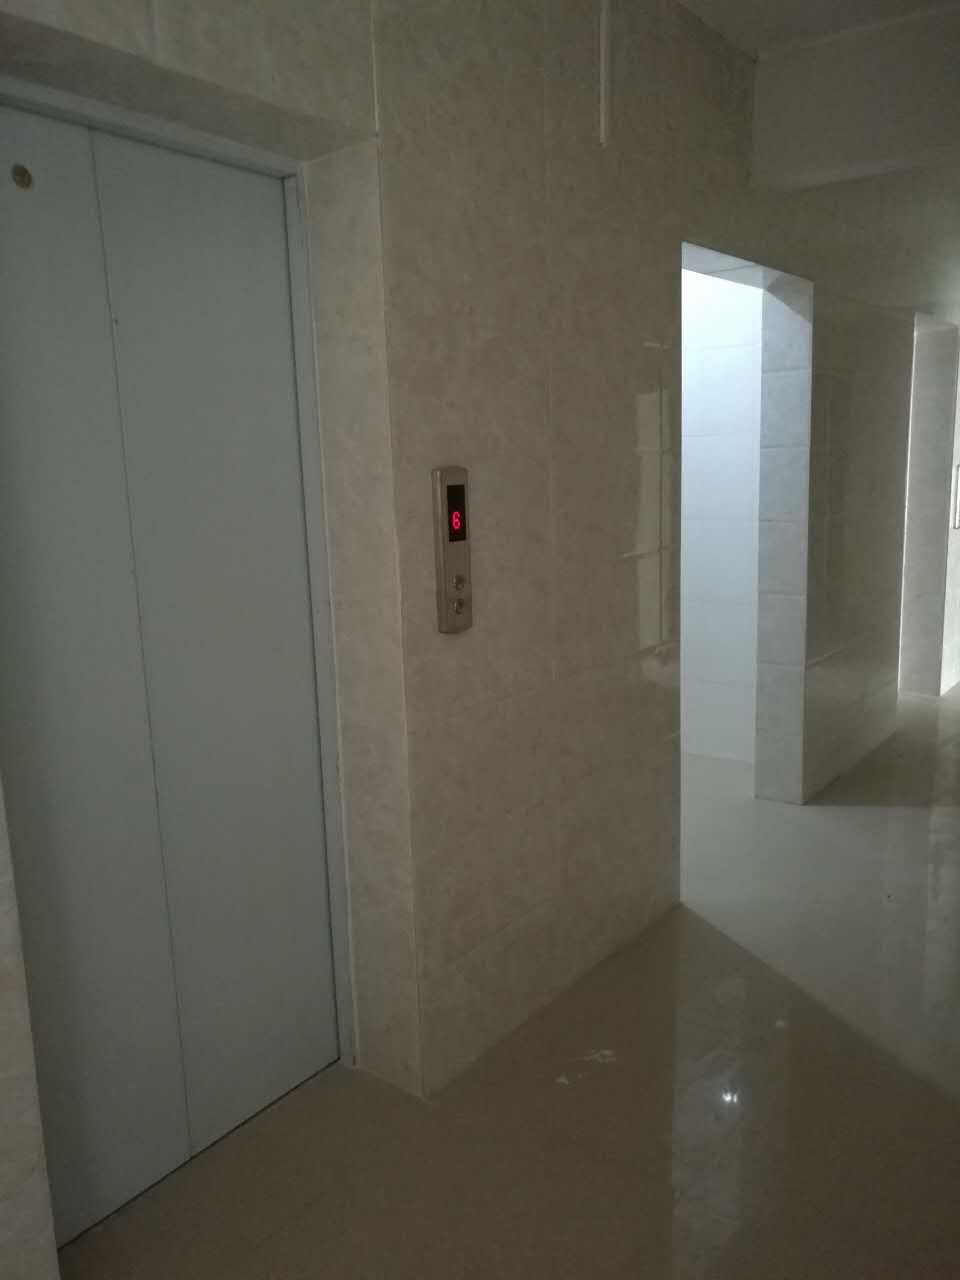 马山头小产权三房90平米43万,最便宜的笋盘 三房二厅 第4张